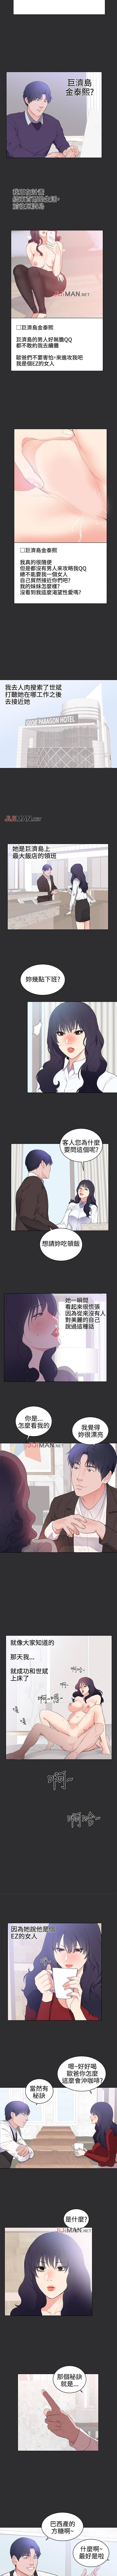 【已完结】性癖好(作者:主寧 & 洗髮精) 第1~30话 132